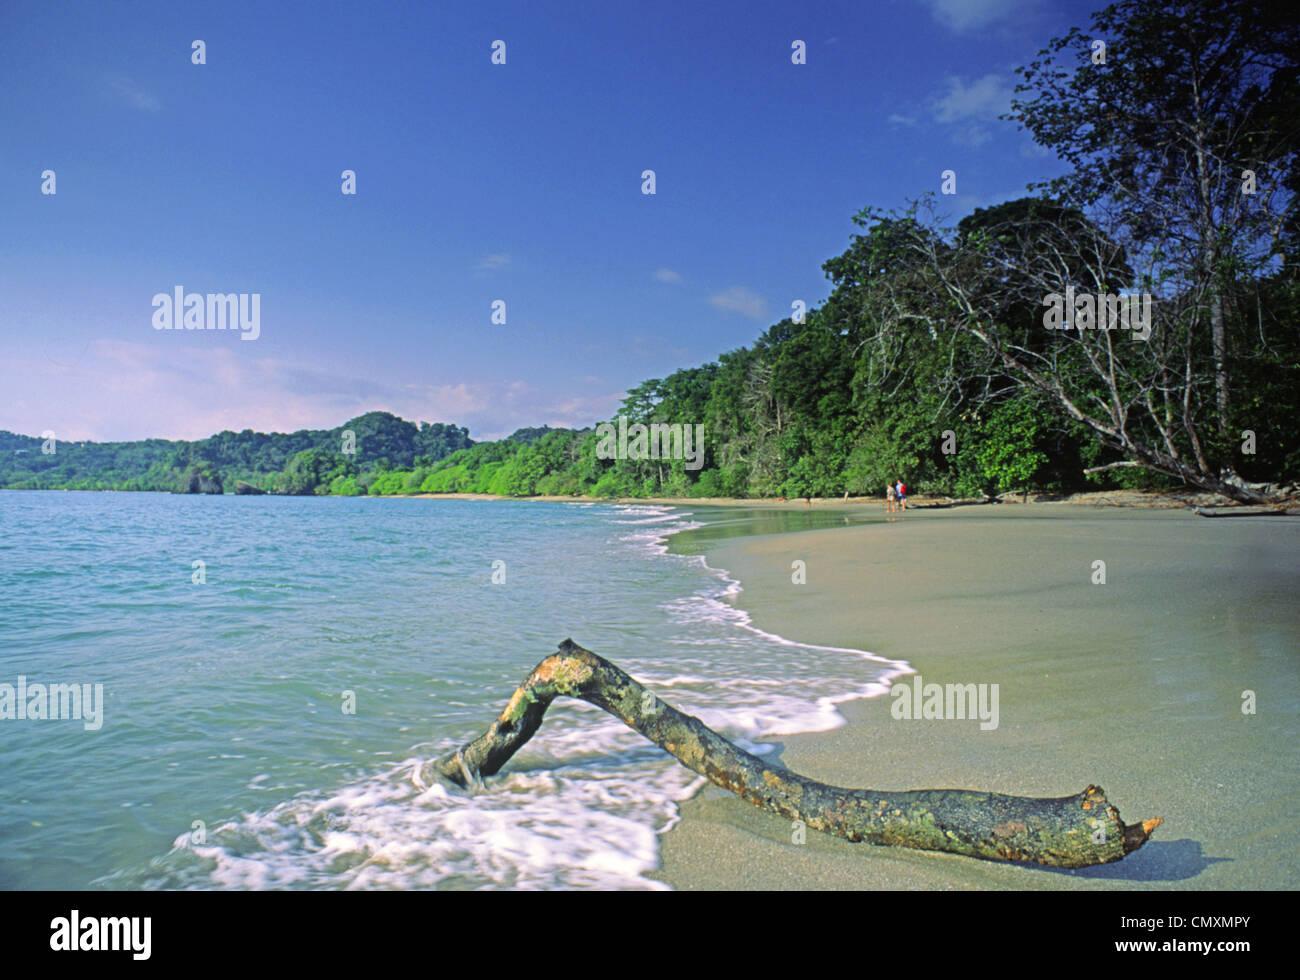 Savage beach, Maunel Antonio National Park, Costa Rica - Stock Image